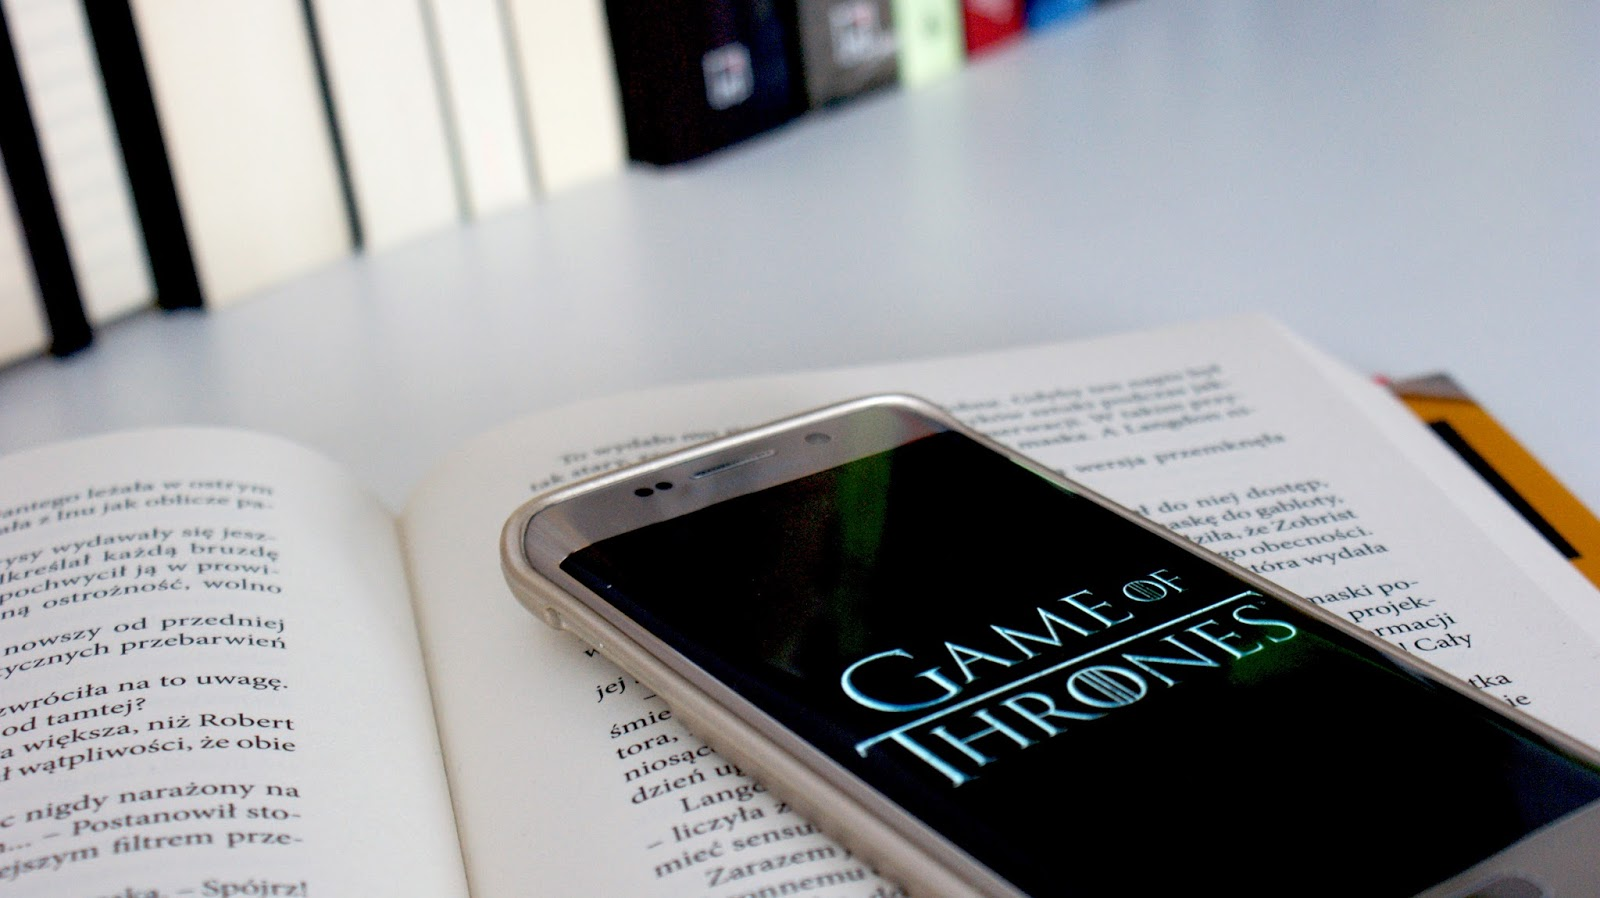 Gra o tron, Game od Thrones, fotografia, zasady oglądania, seriale, series, uzależnienie, telefon, Samsung, Samsung Galaxy S6 Edge